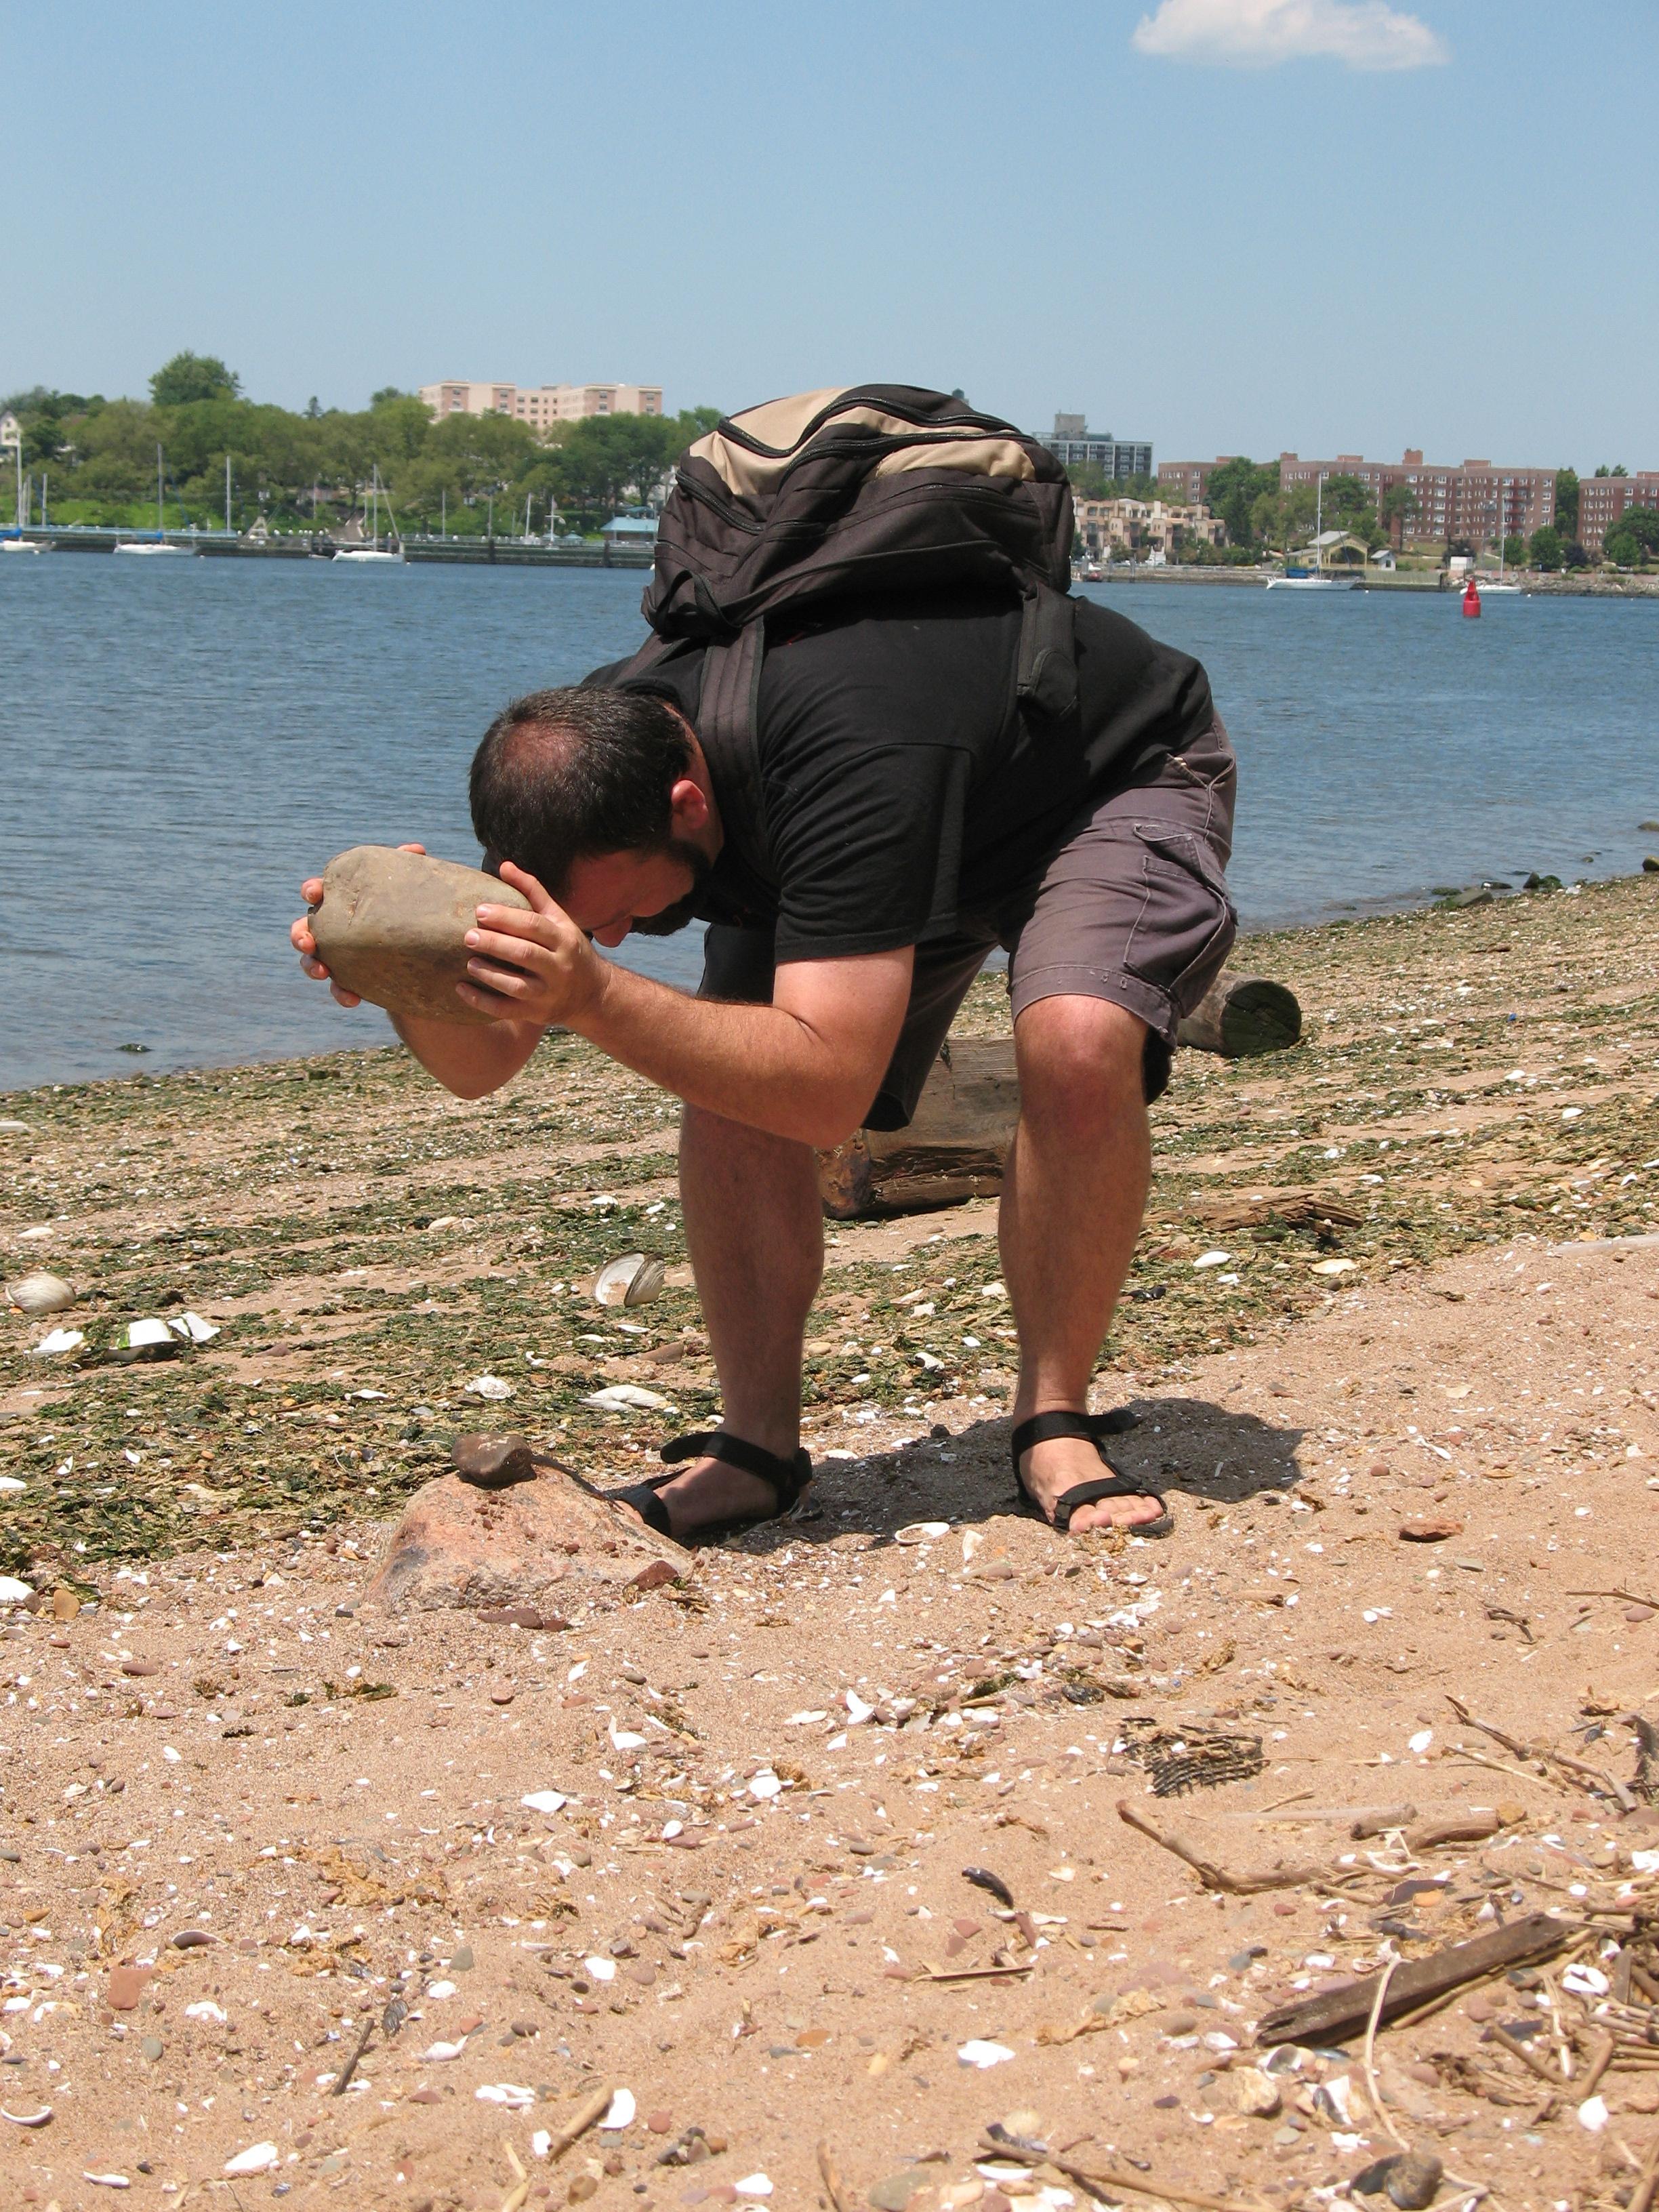 breaking rocks in the hot sun. Photo by Jill Palermo.